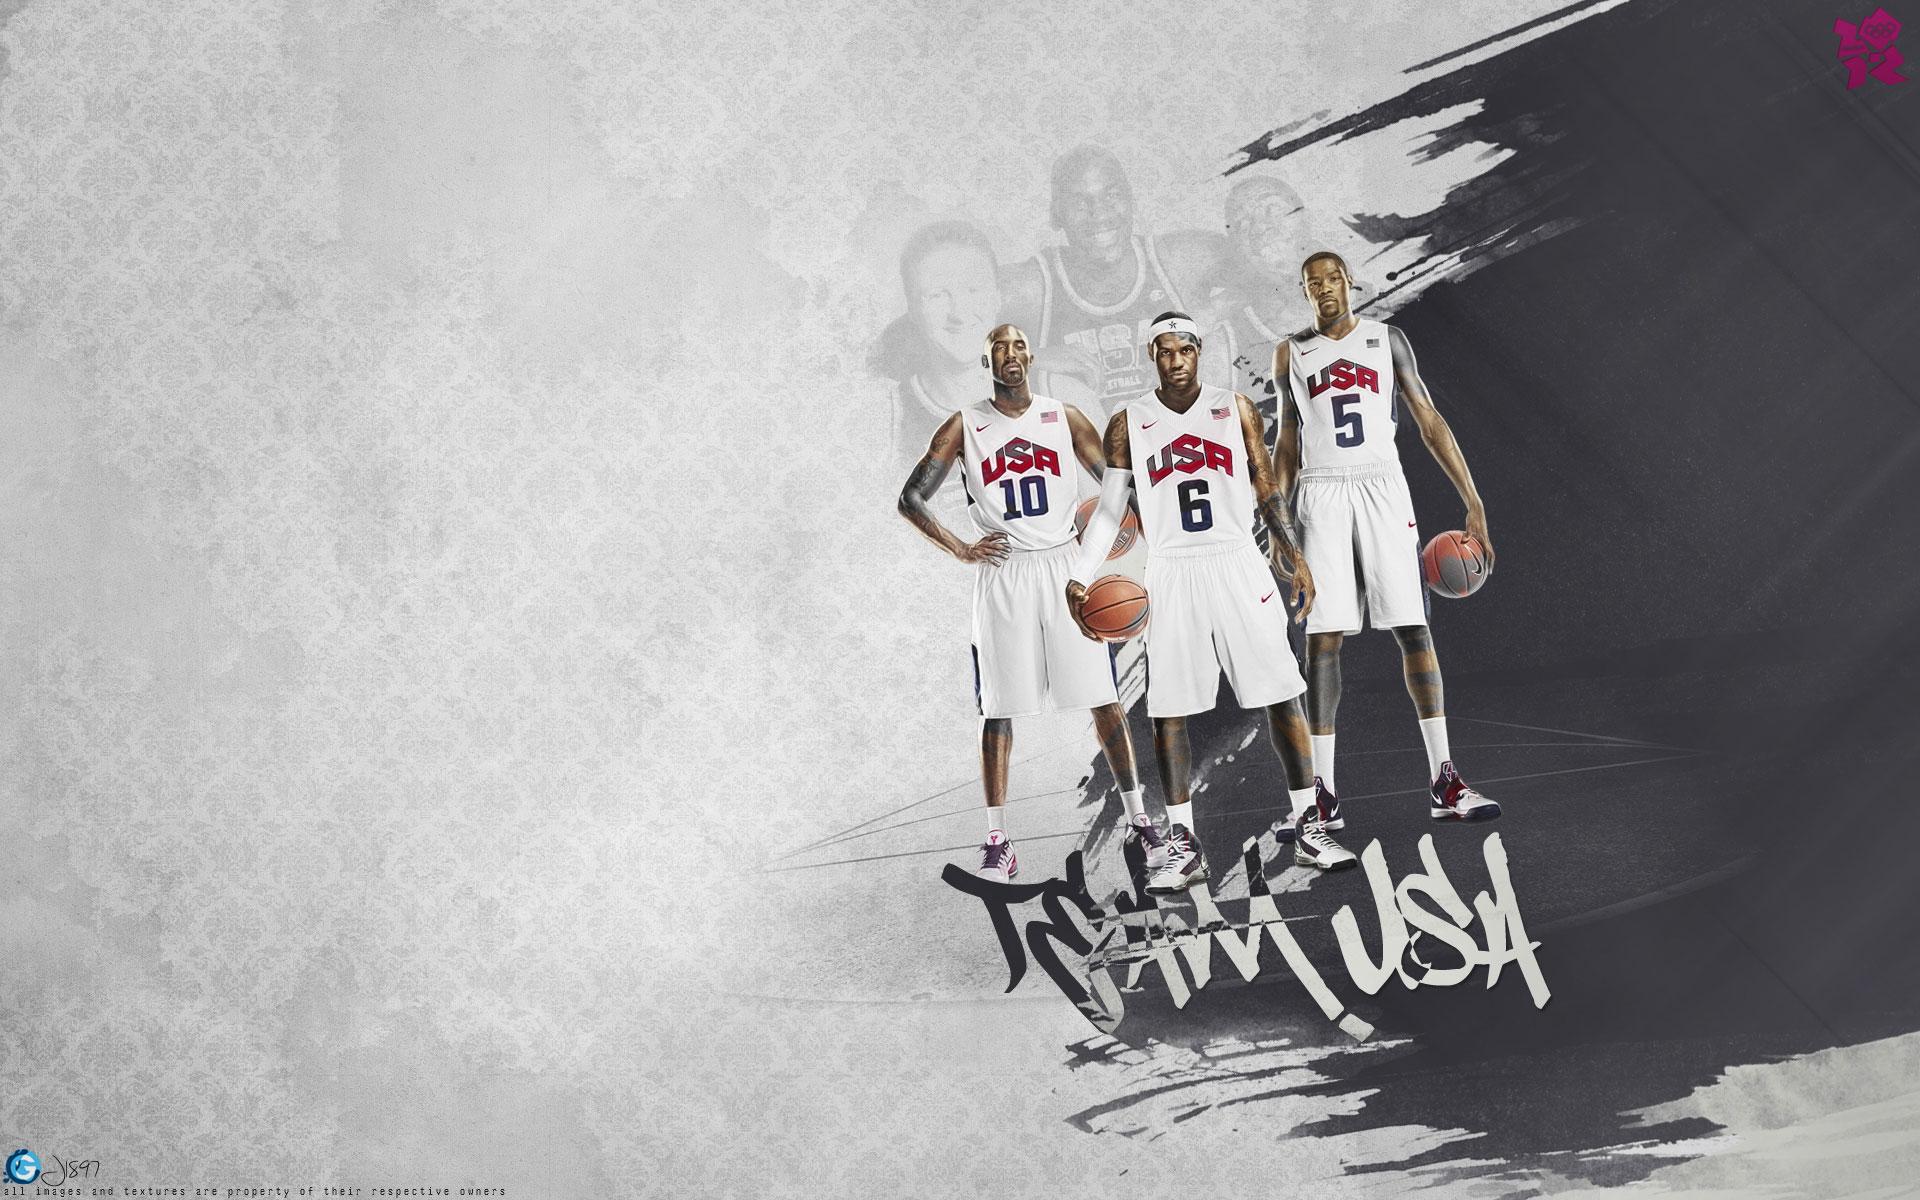 usa basketball big 3 - photo #30